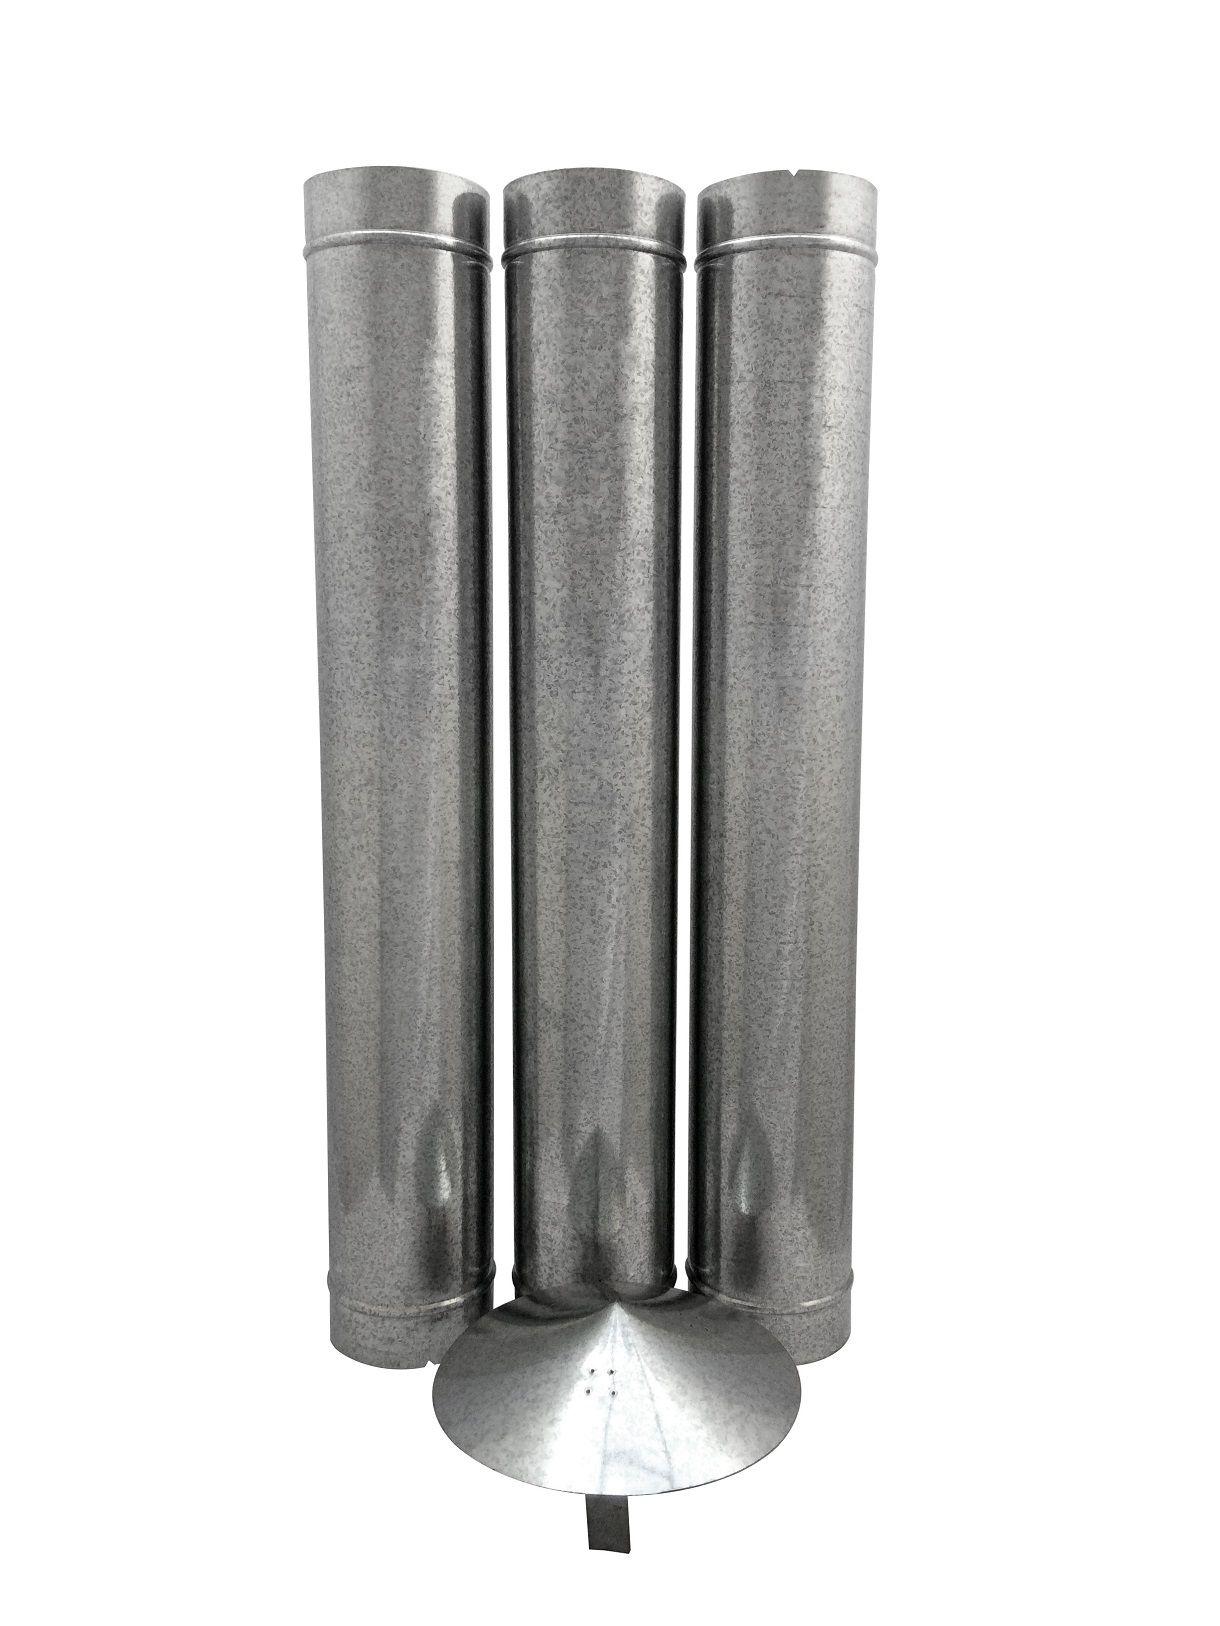 1,80 m de duto galvanizado de 200 mm de diâmetro com chapéu chinês  - Galvocalhas